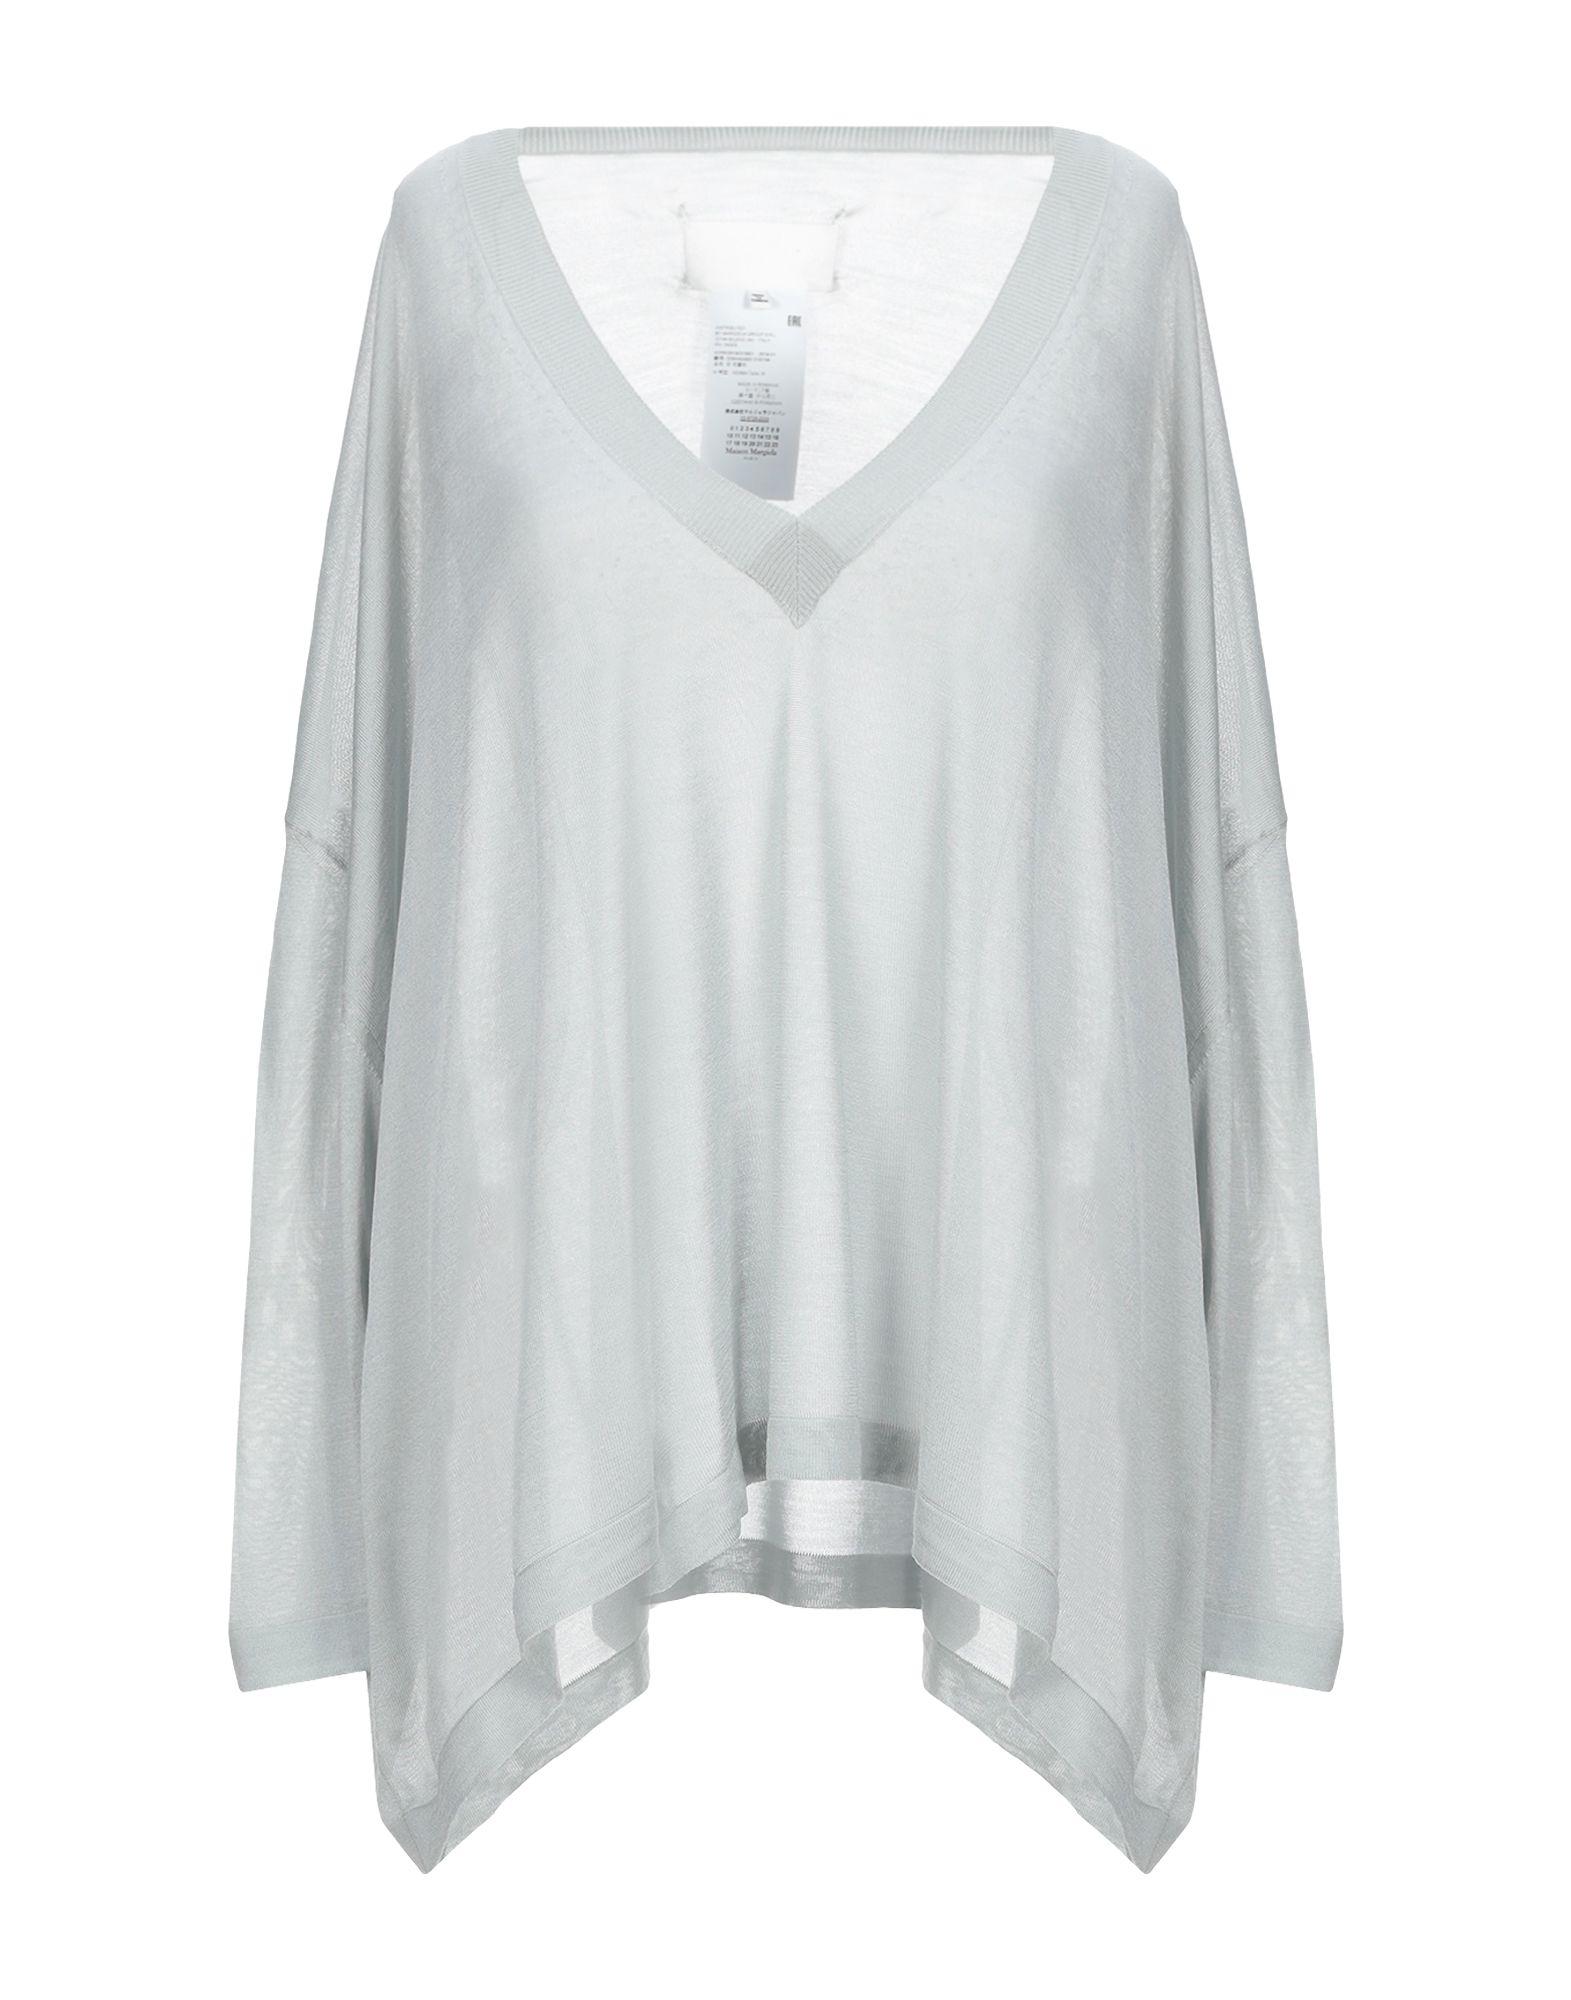 MAISON MARGIELA Sweaters - Item 14016627